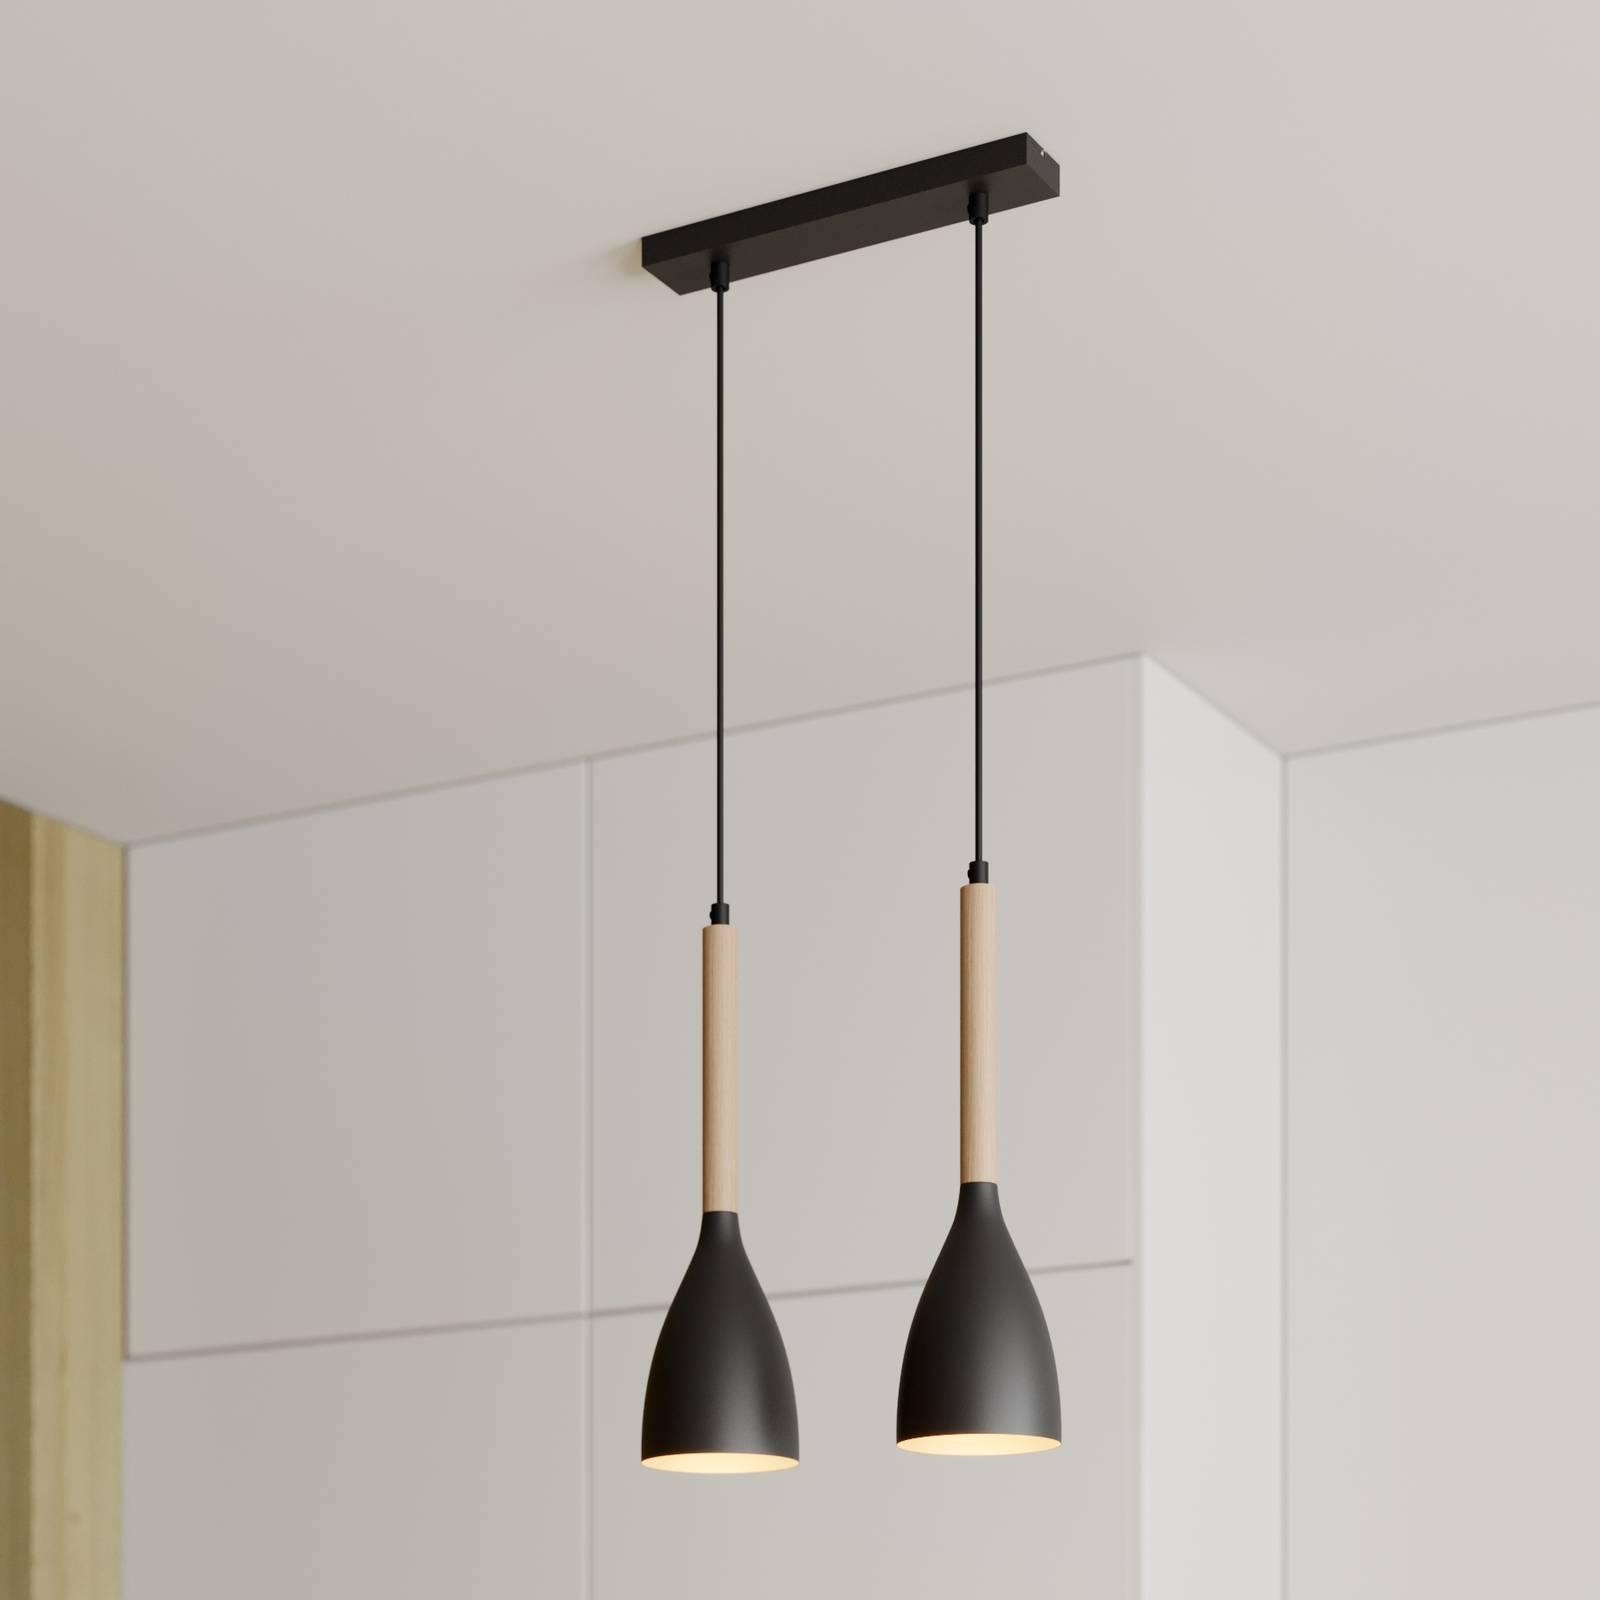 Suspension Muza à 2 lampes, noire/dorée